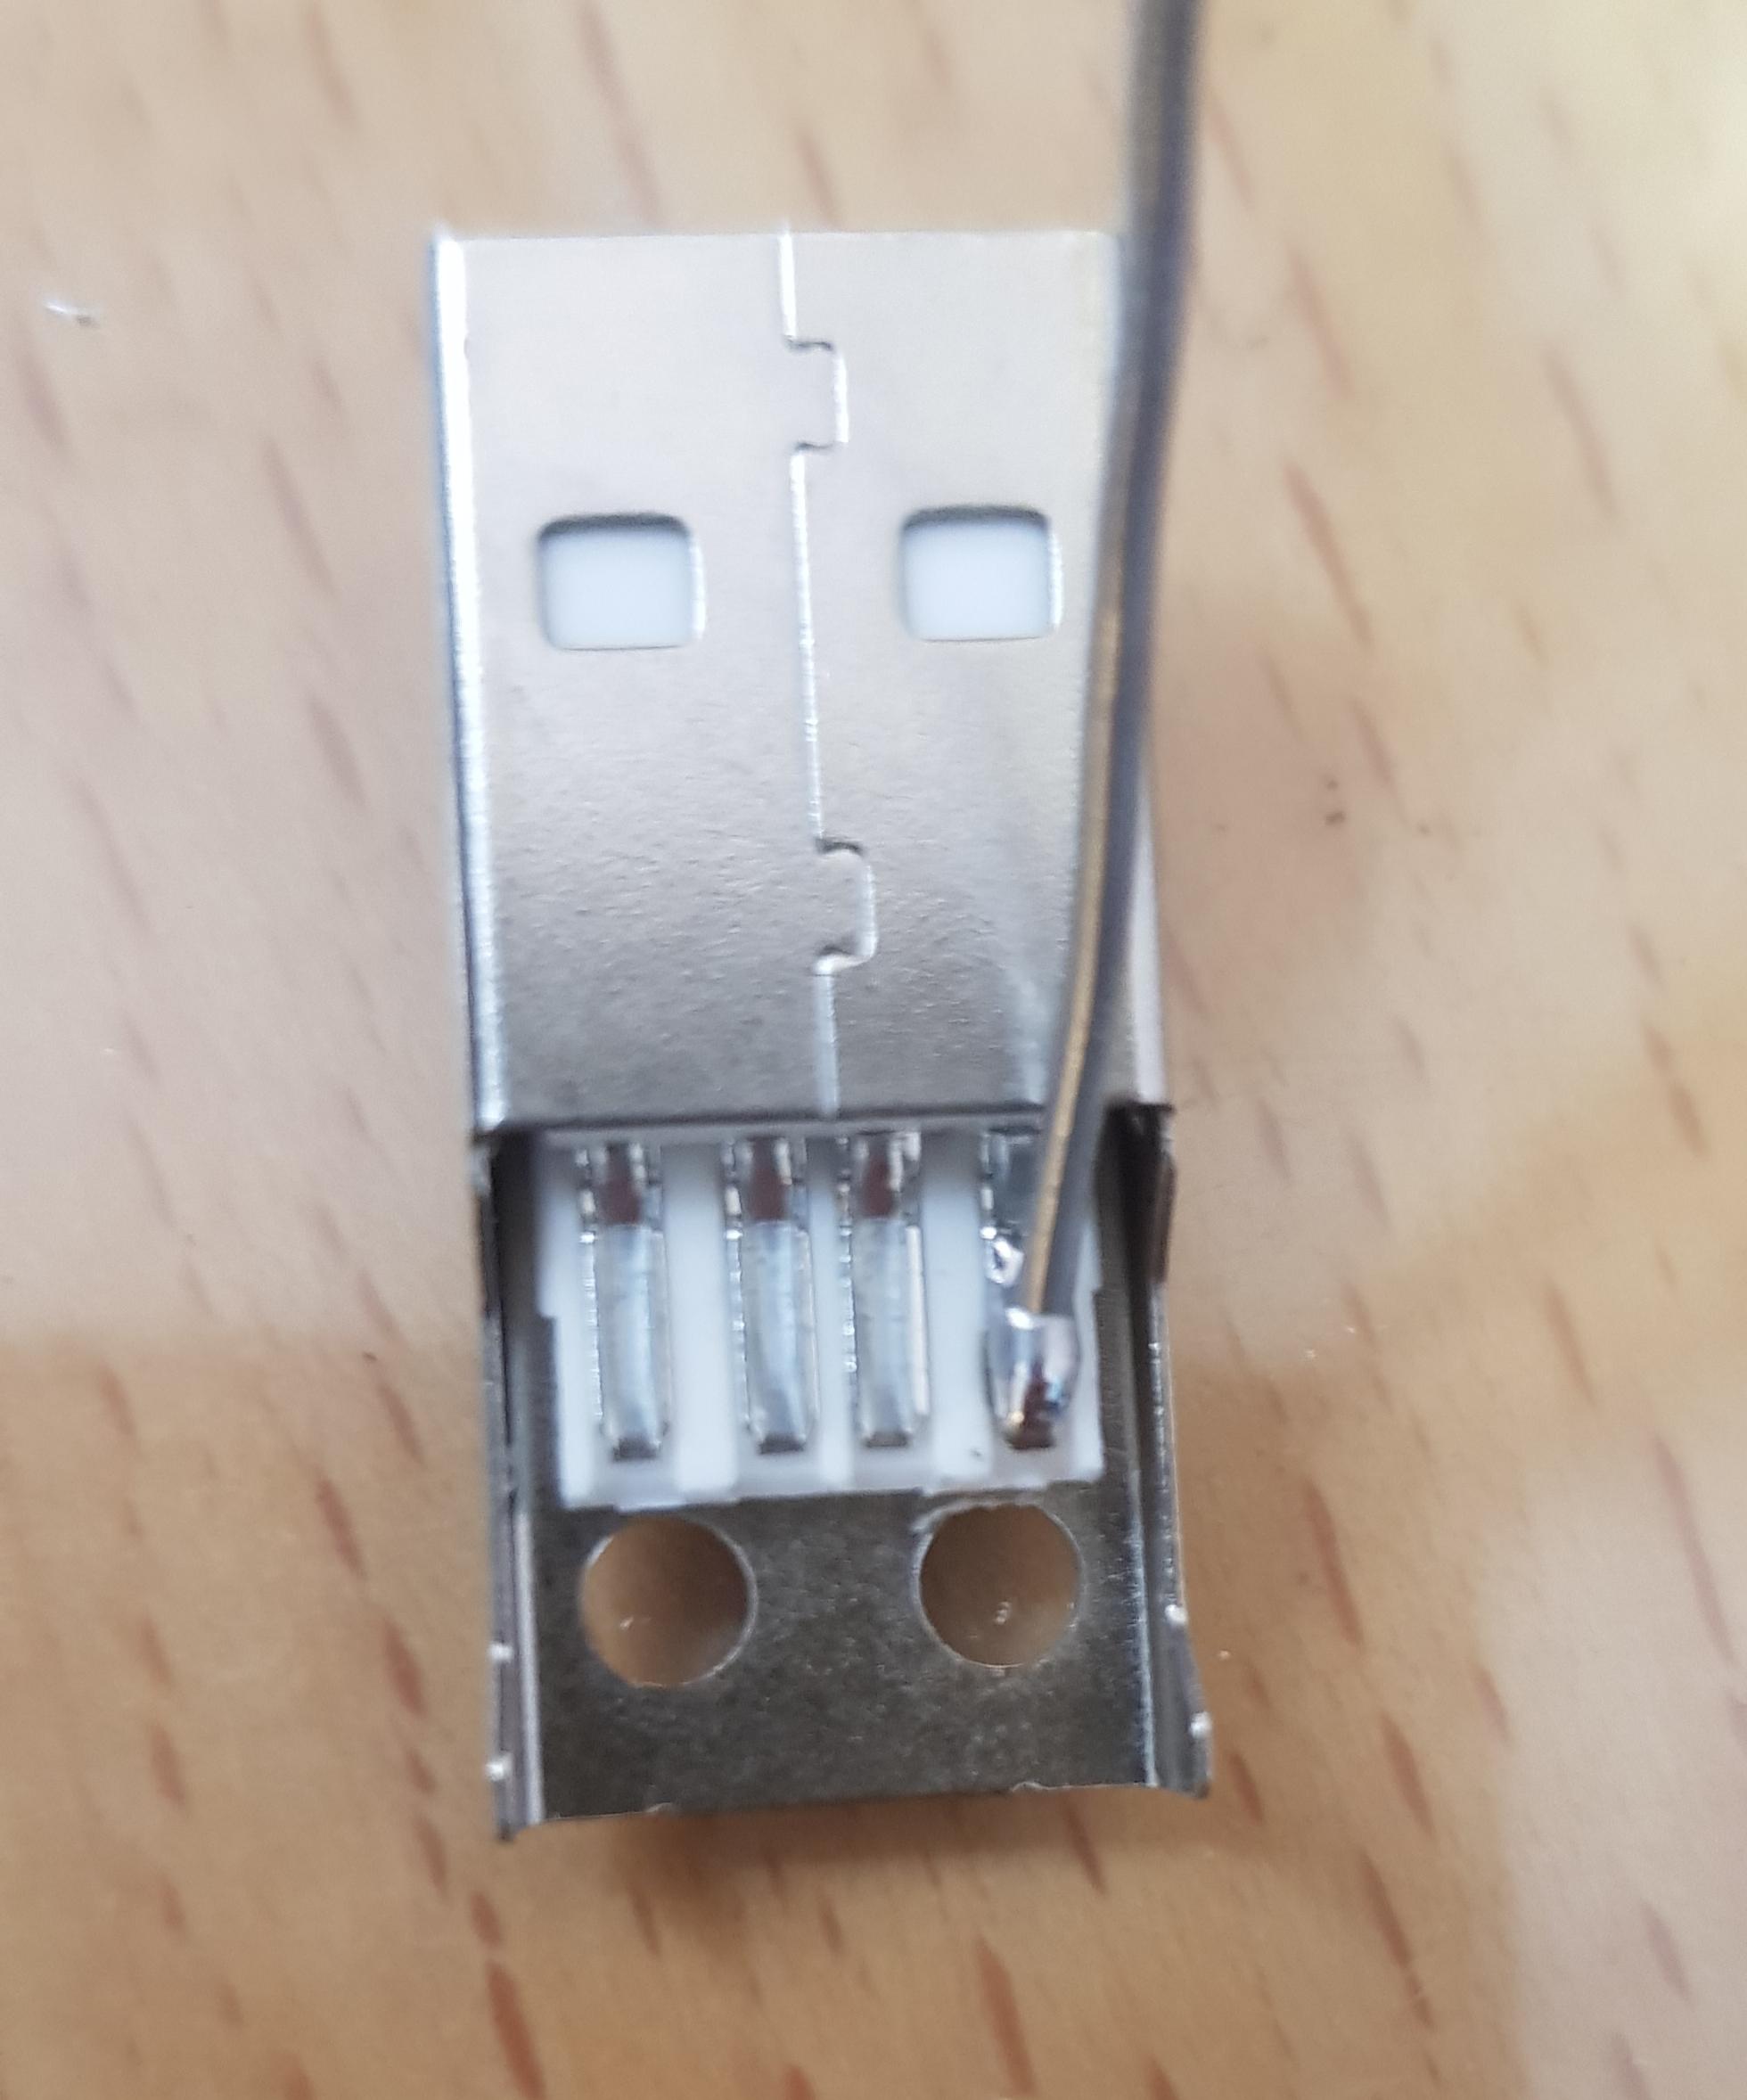 Tin USB connector